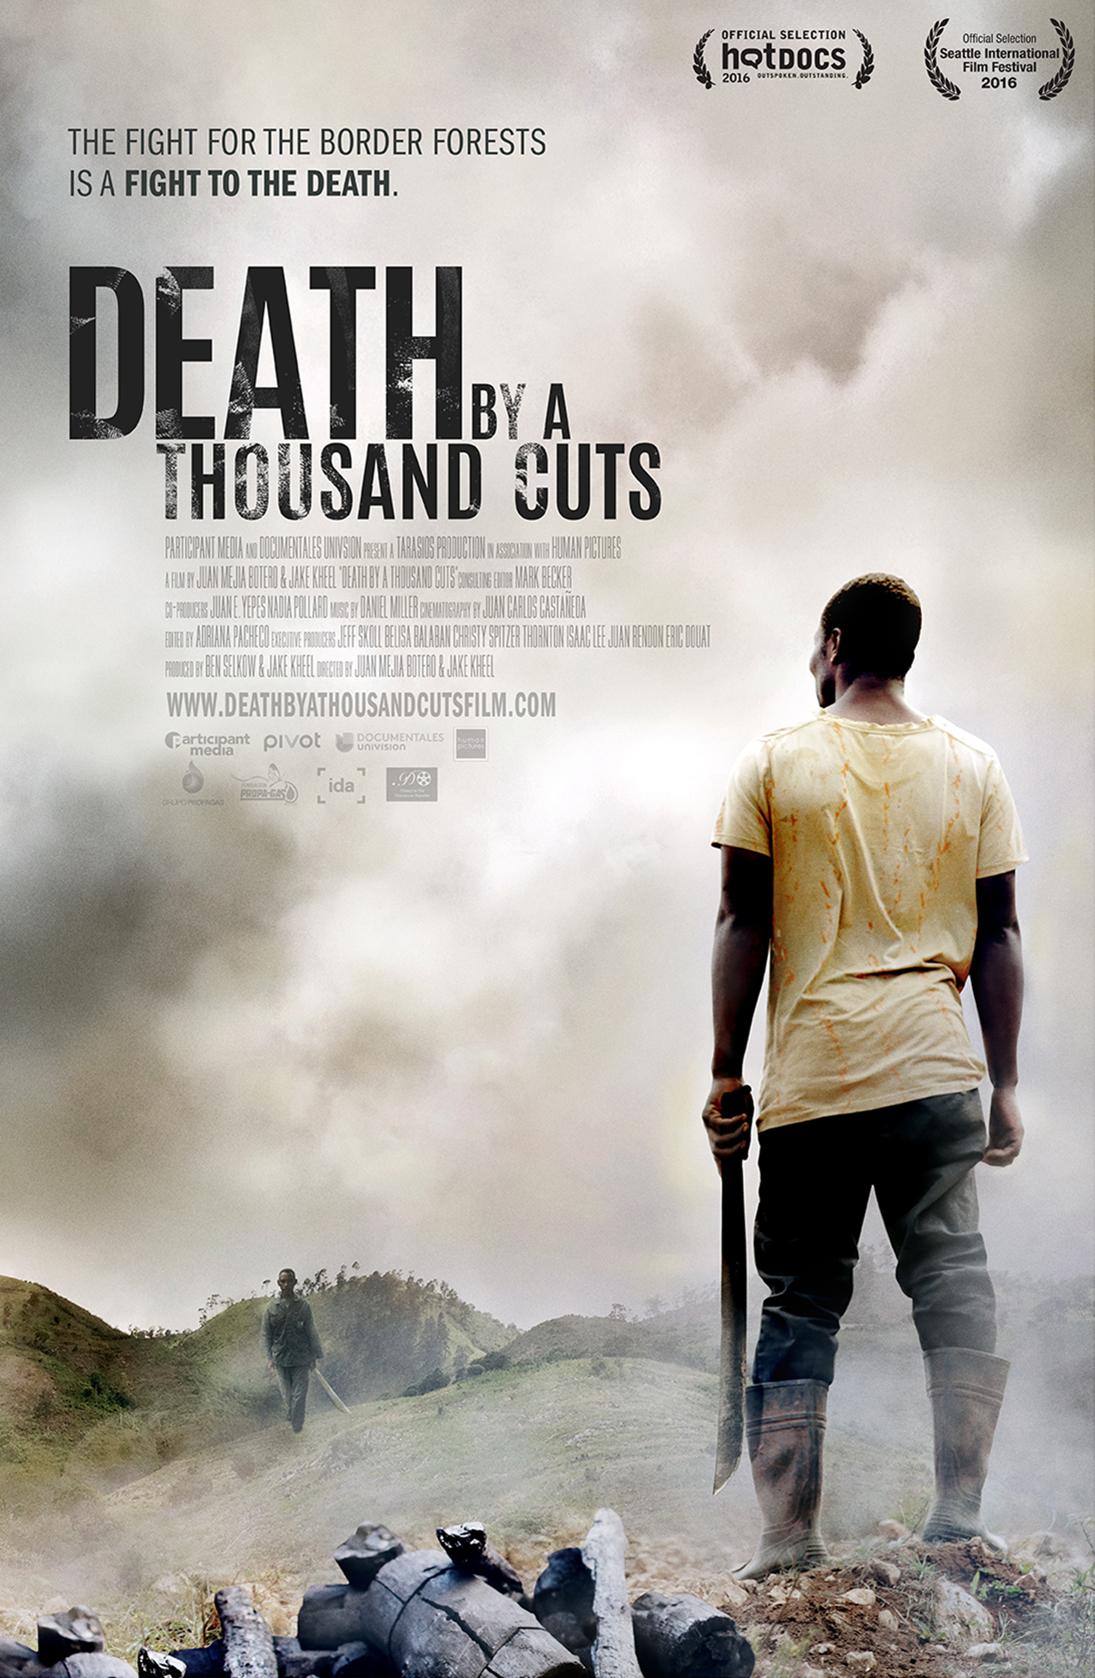 Death by a Thousand Cuts – Feb. 9